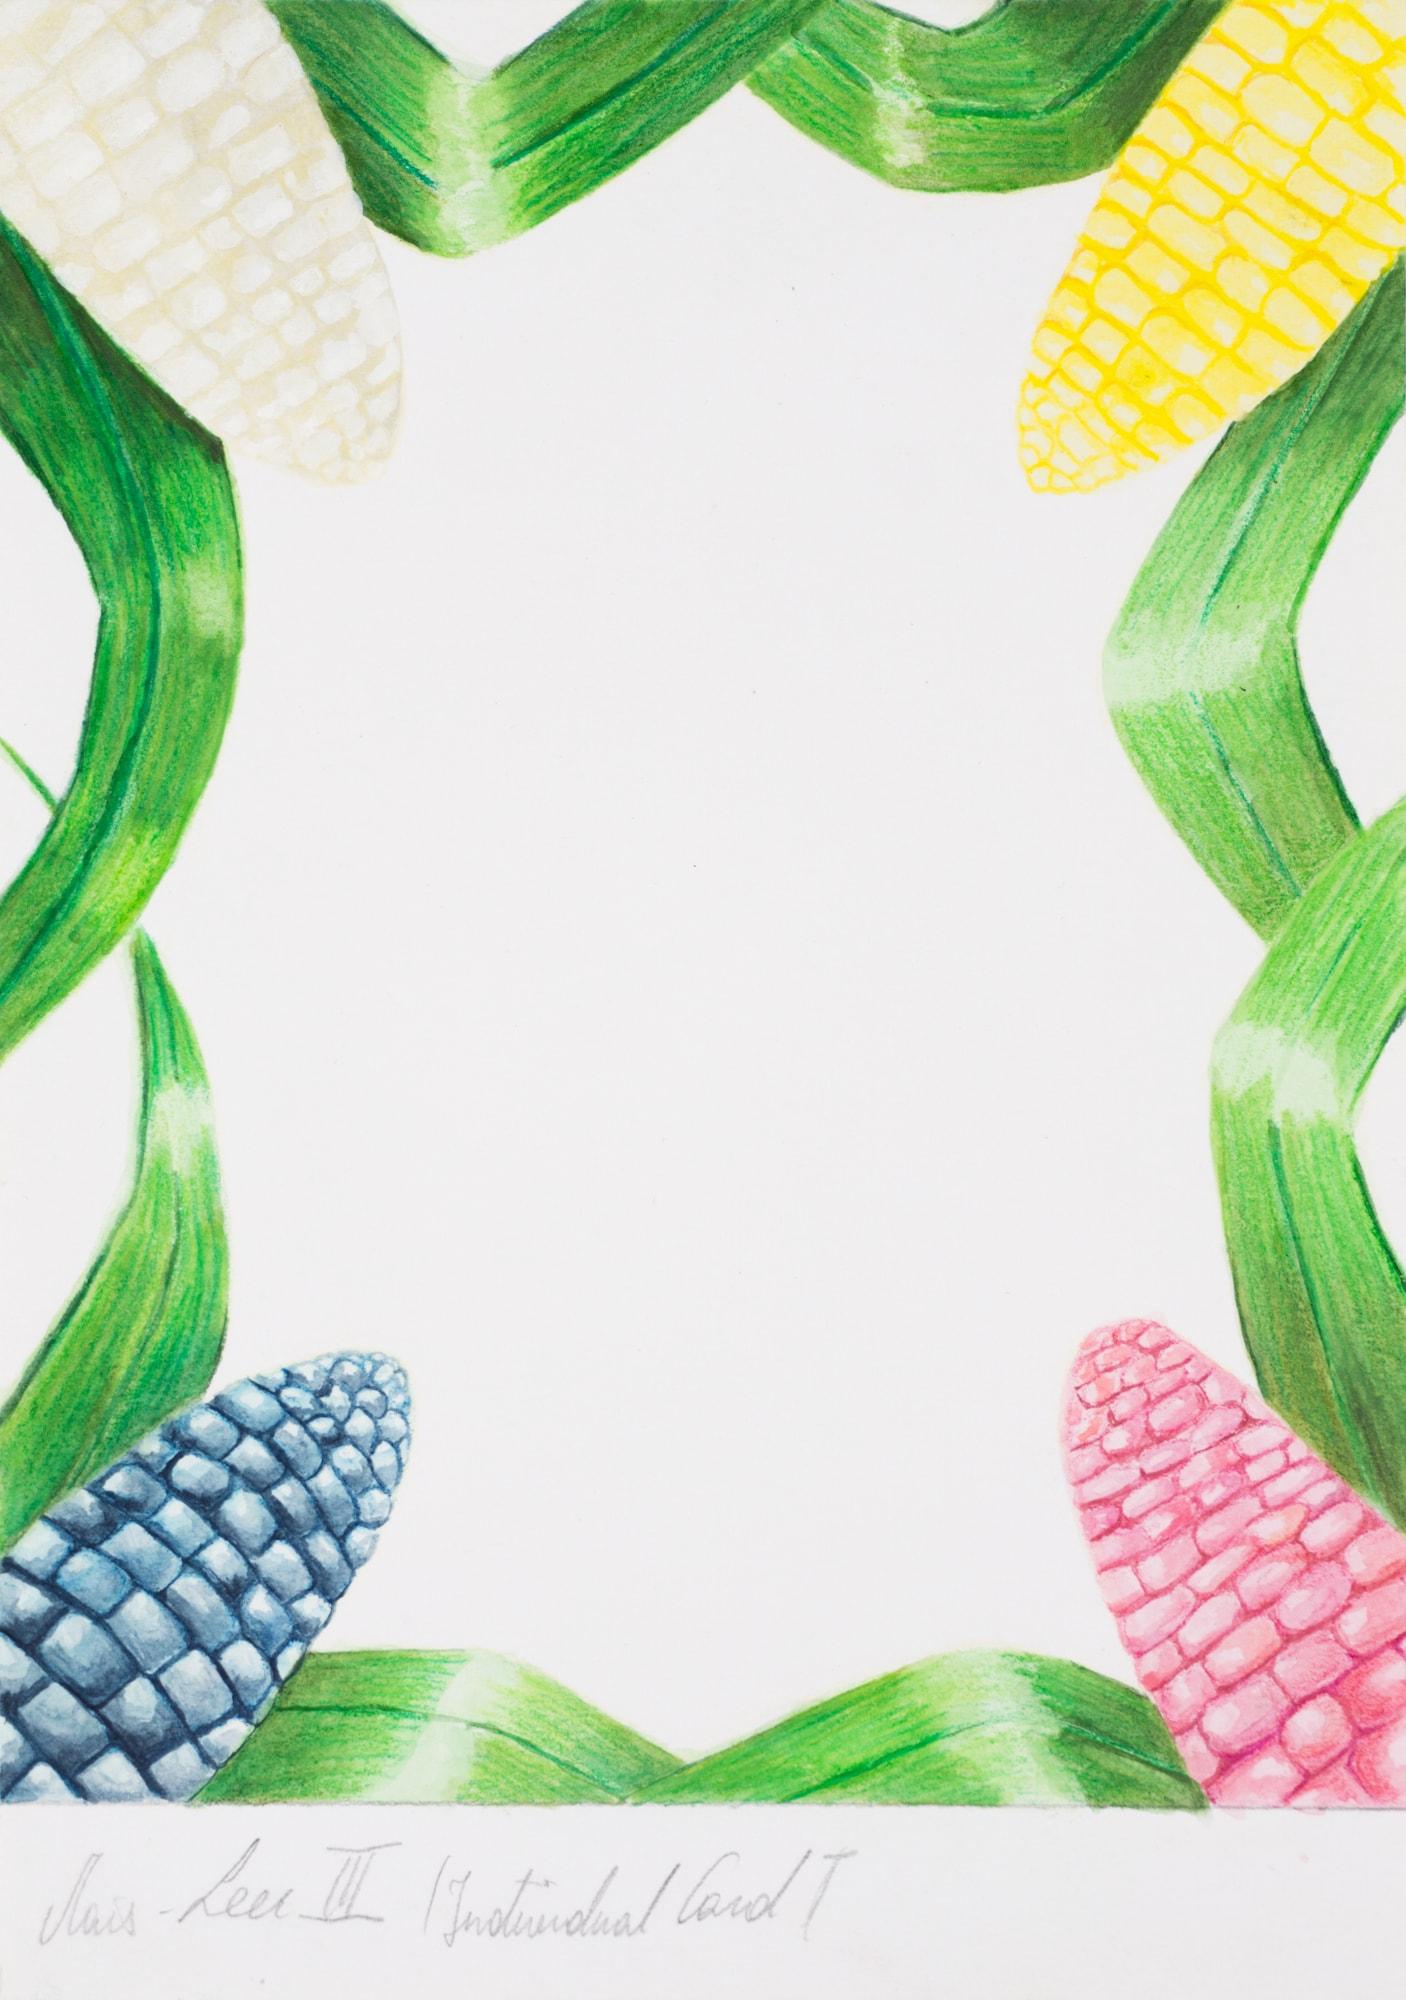 Zeichnung, Gouache und Farbstift auf Papier, 14,8x21cm, Entwurf für Tarotkarte, Künstlerin: Franziska King